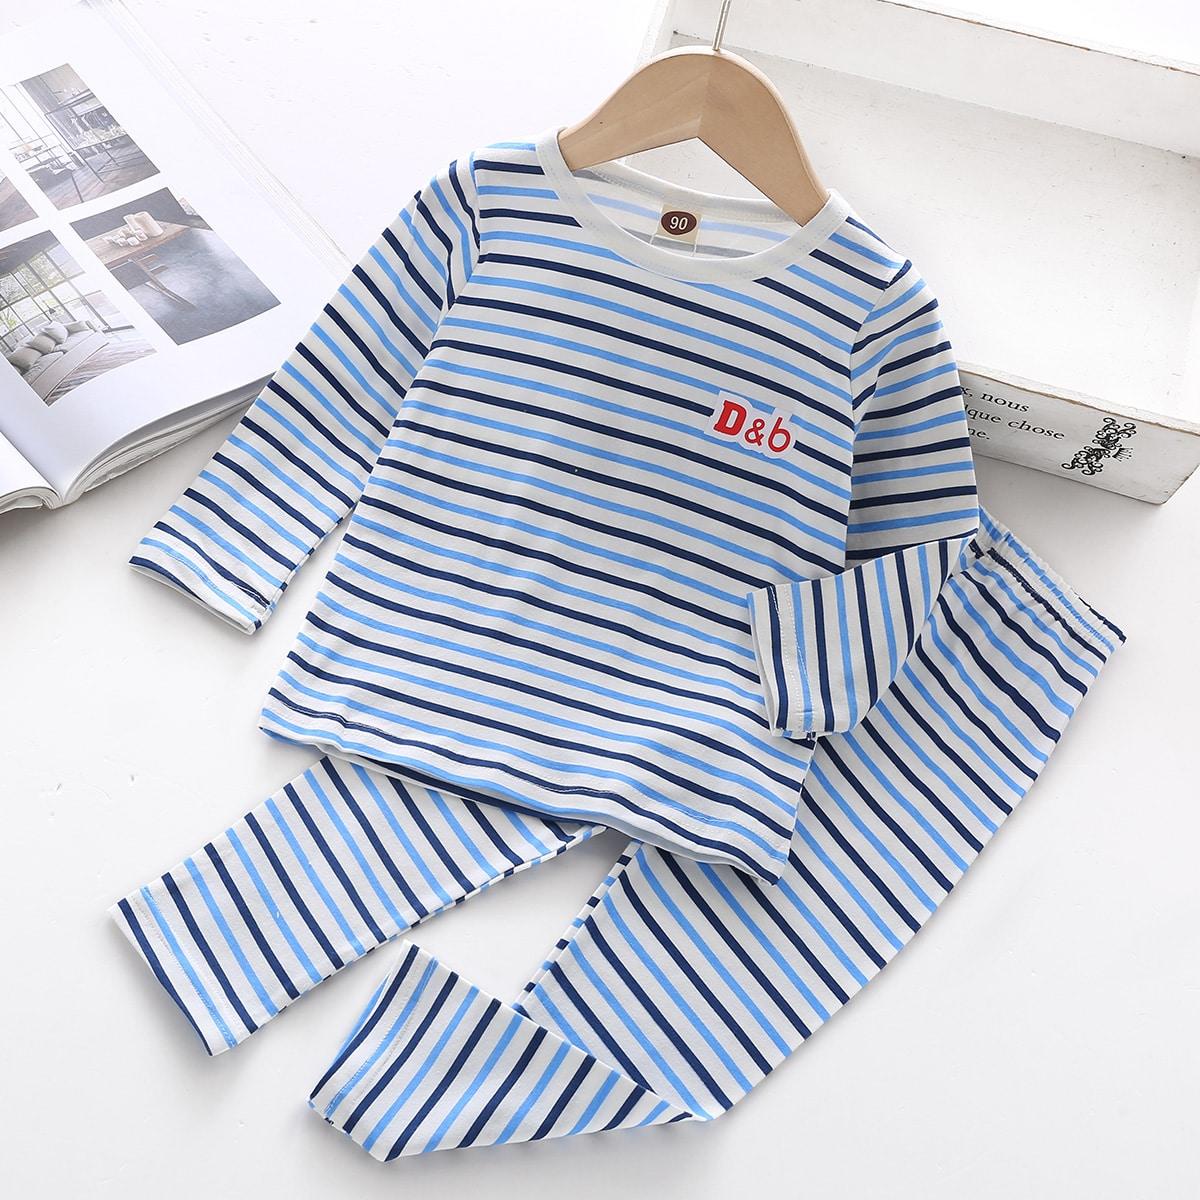 Пижама в полоску с текстовым принтом для мальчиков